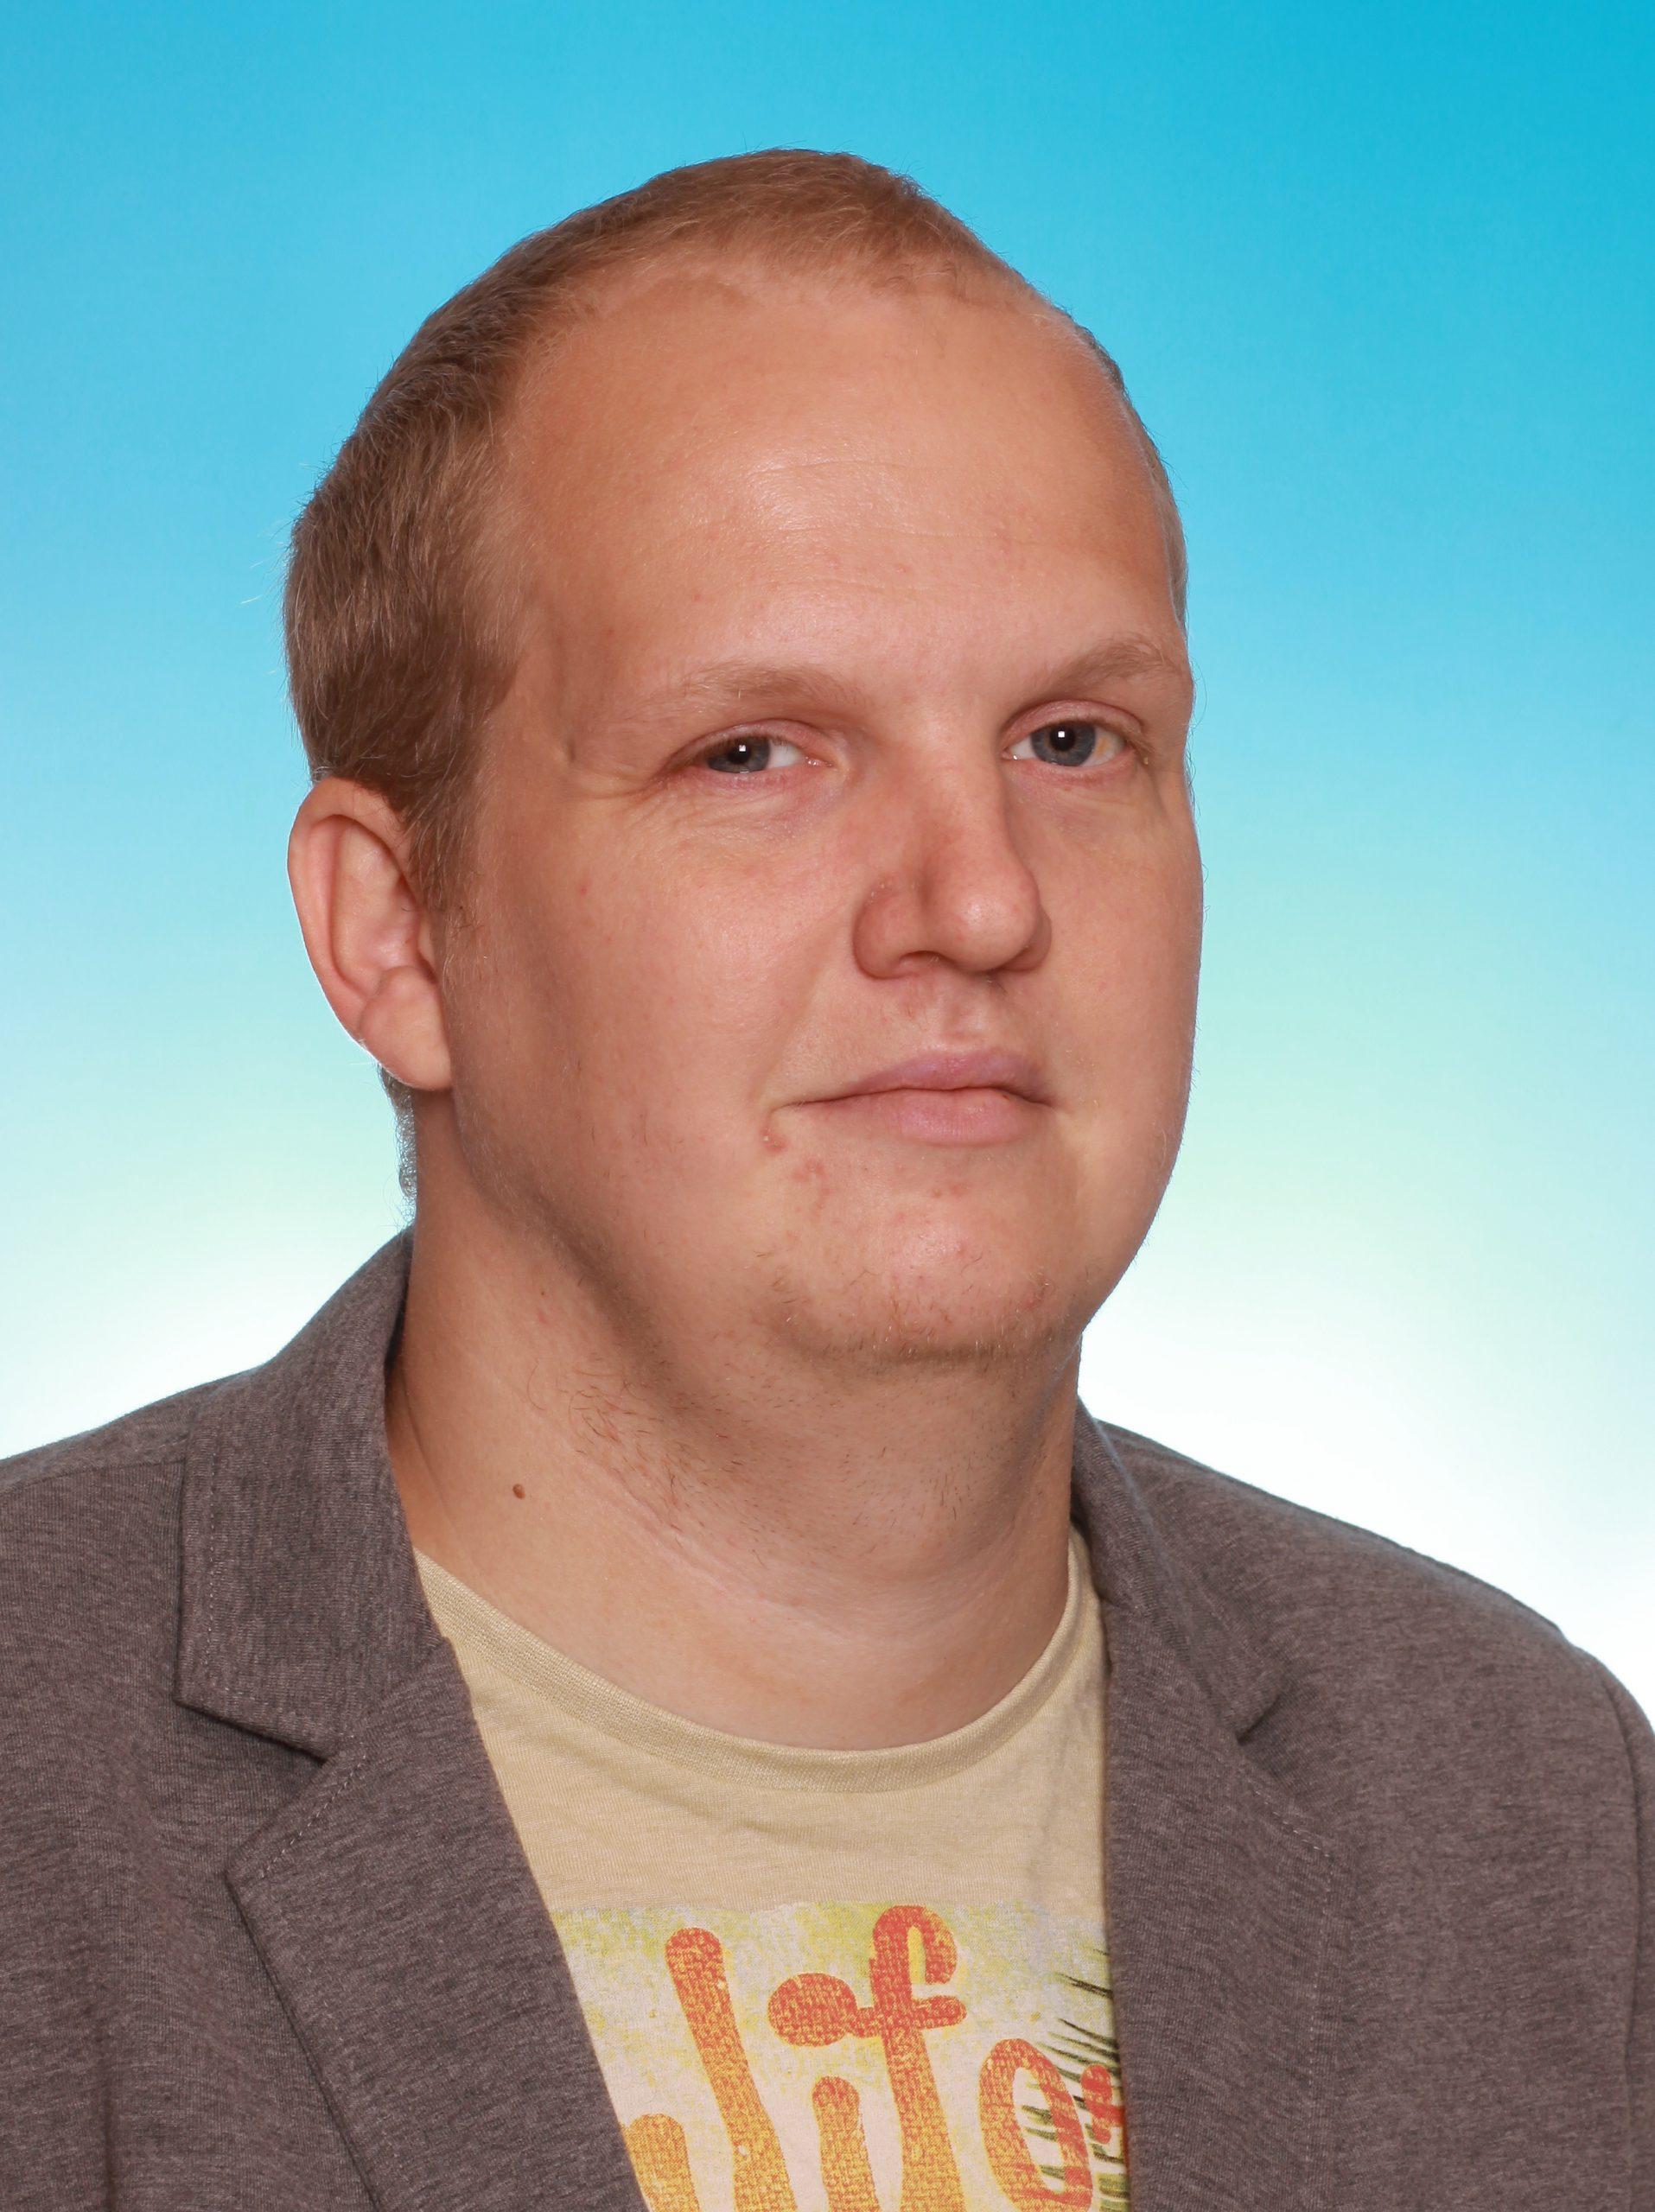 Jan Cemper